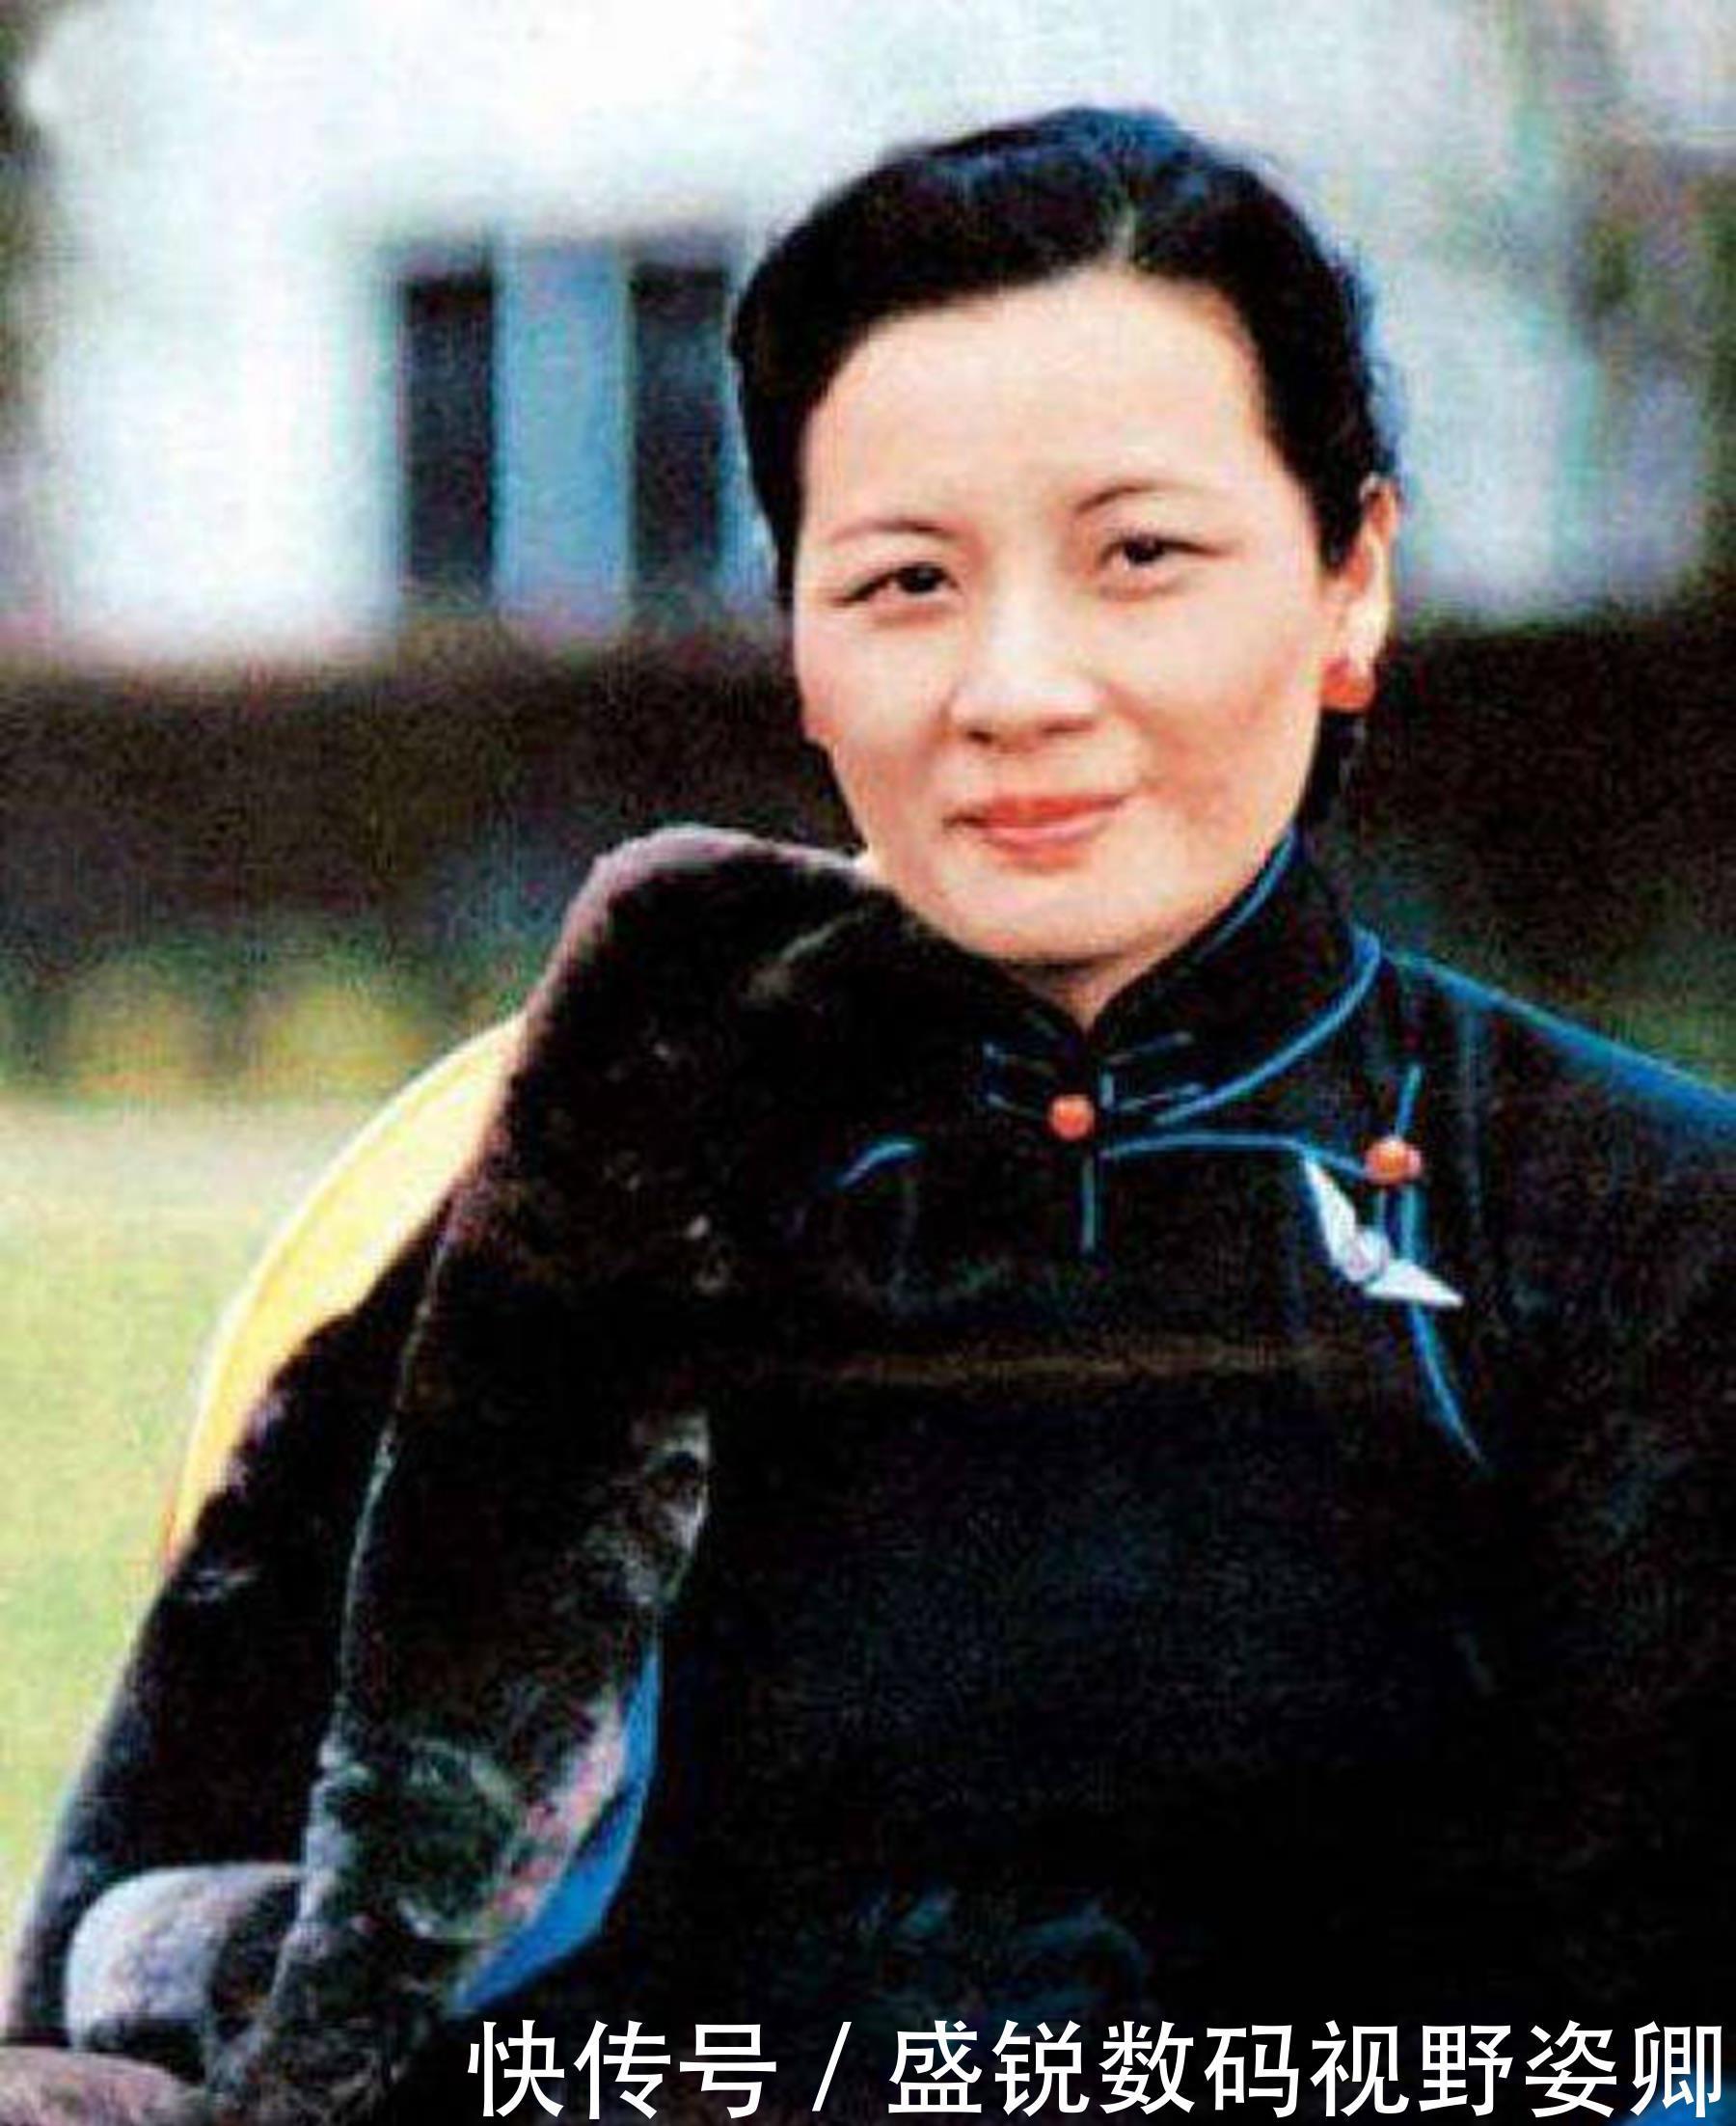 『宋庆龄』宋庆龄病重时,向蒋经国要一样东西,被拒绝后,她回了3个字